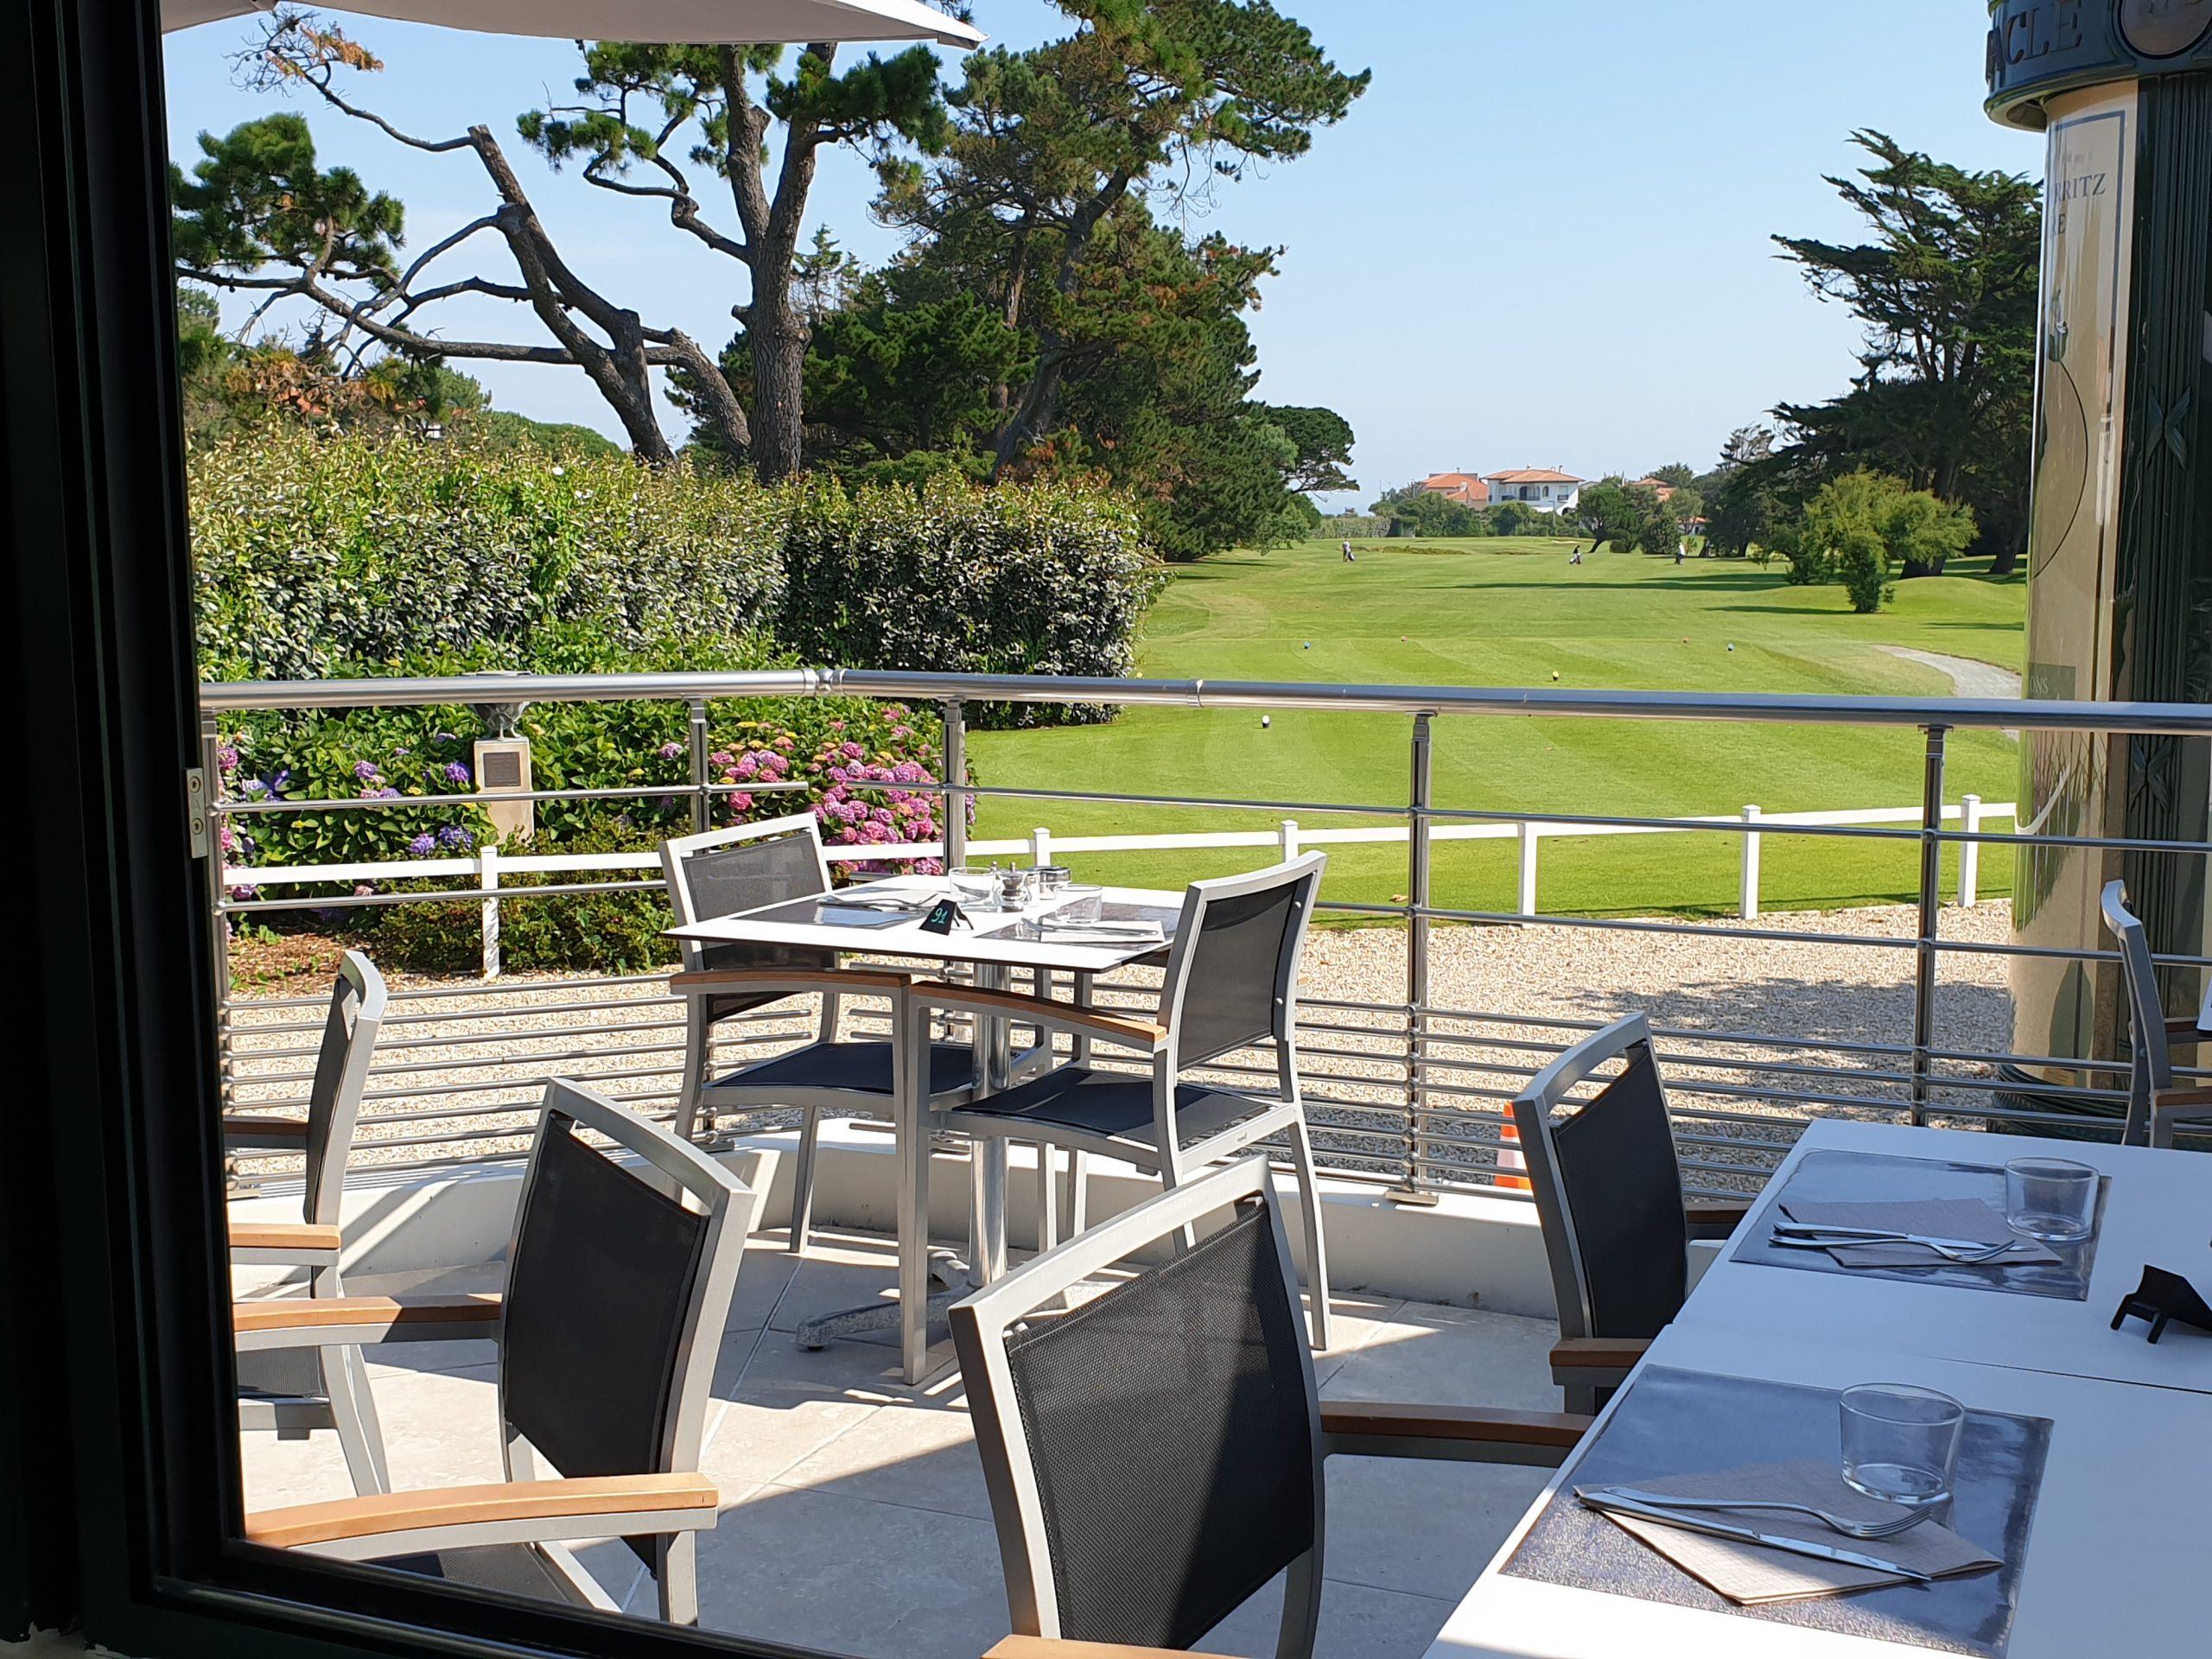 Restaurants Biarritz une terrasse qui donne sur le golf de biarritz, avec de chaises et des tables en métal